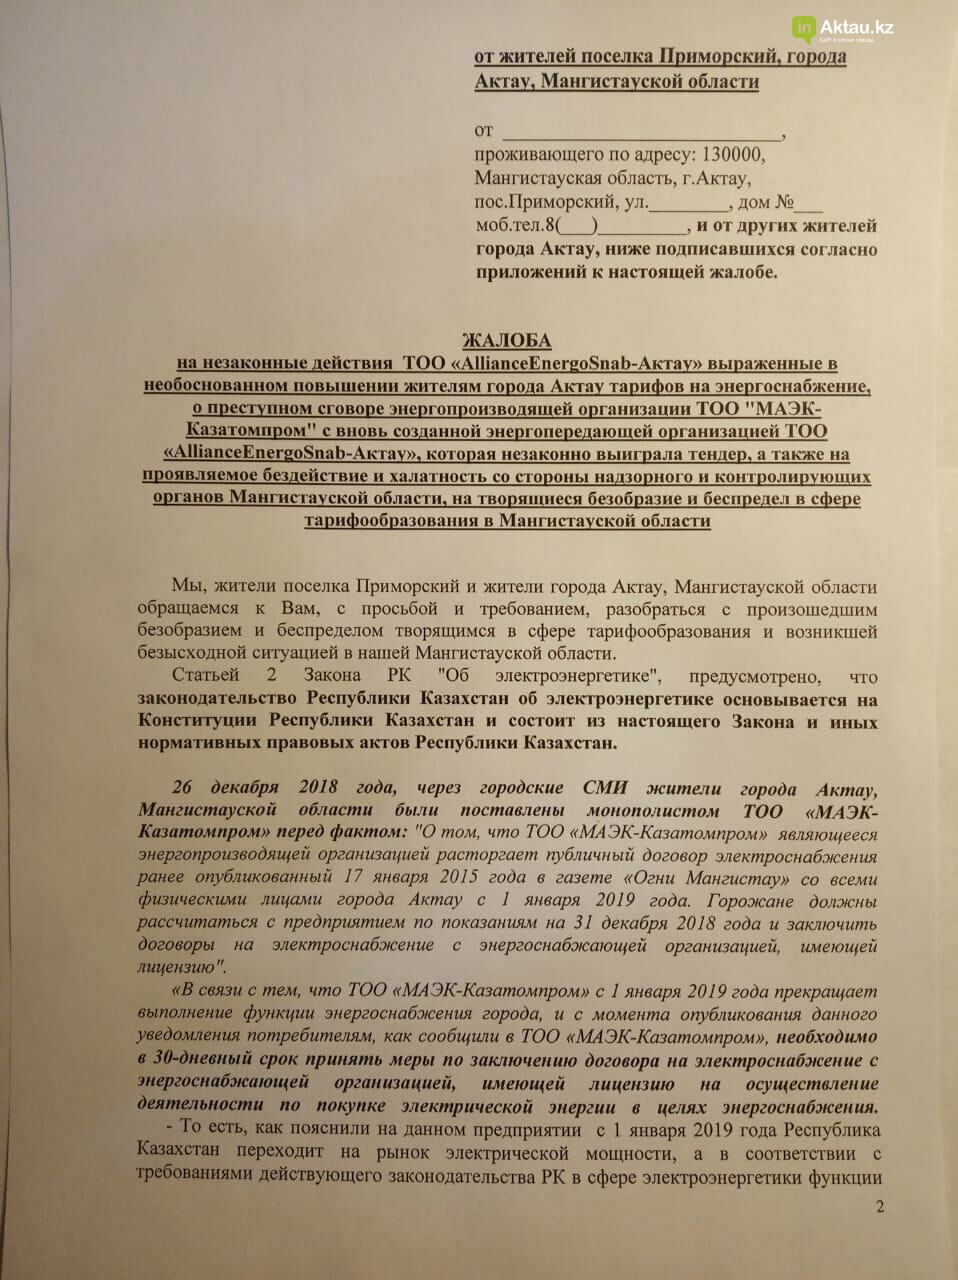 Открытое письмо Президенту написали актаусцы  по поводу новых тарифов на электроэнергию, фото-2